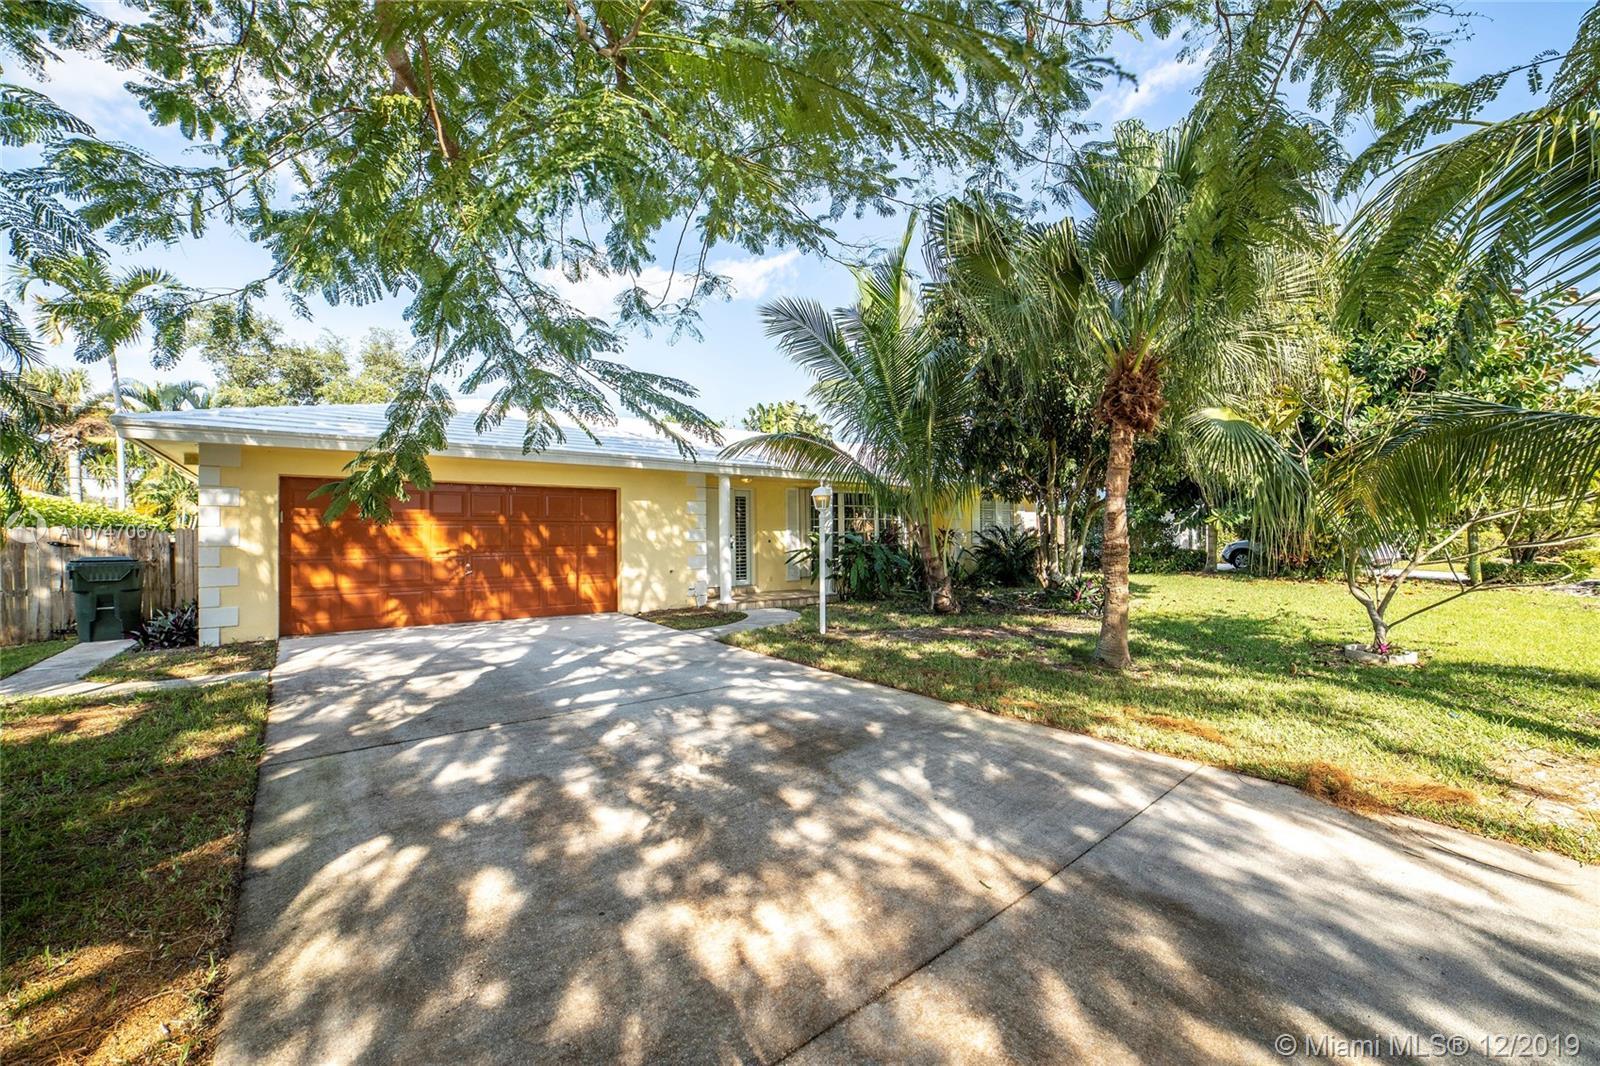 2041 Bonnie St, Boca Raton, FL 33486